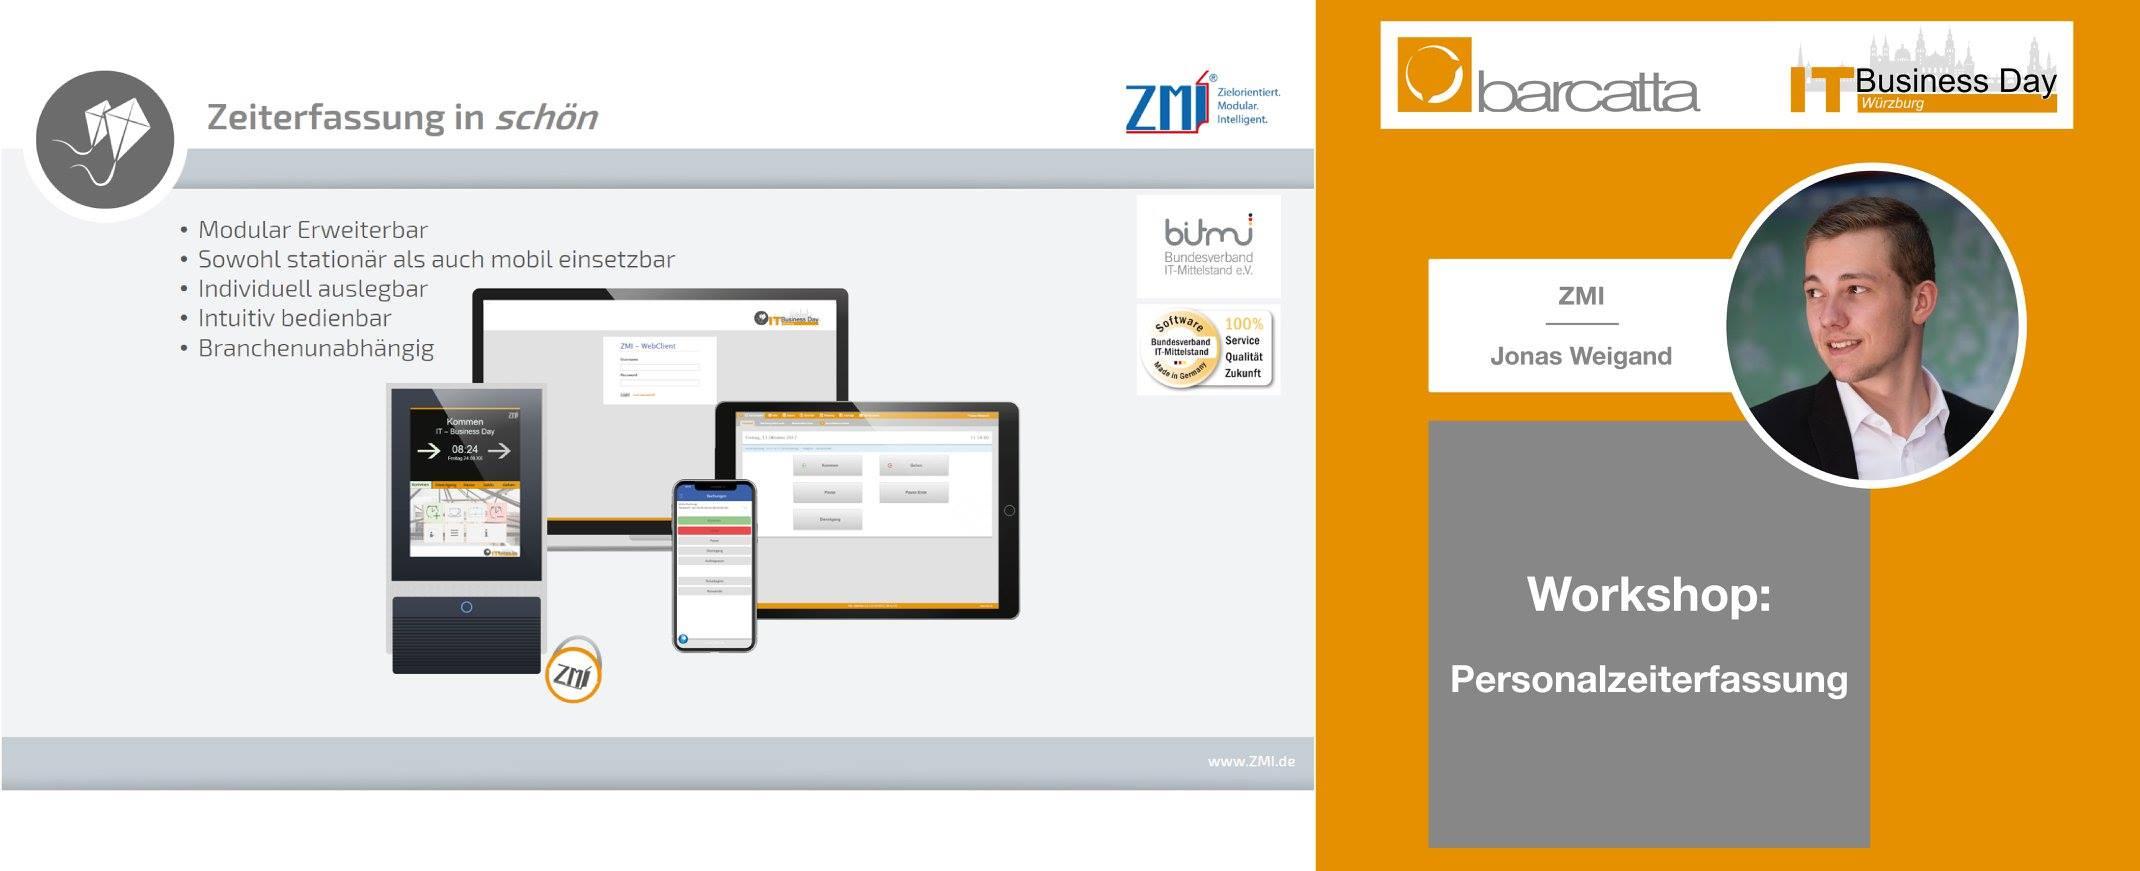 Barcatta IT Business Day - Personalzeiterfassung Workshop